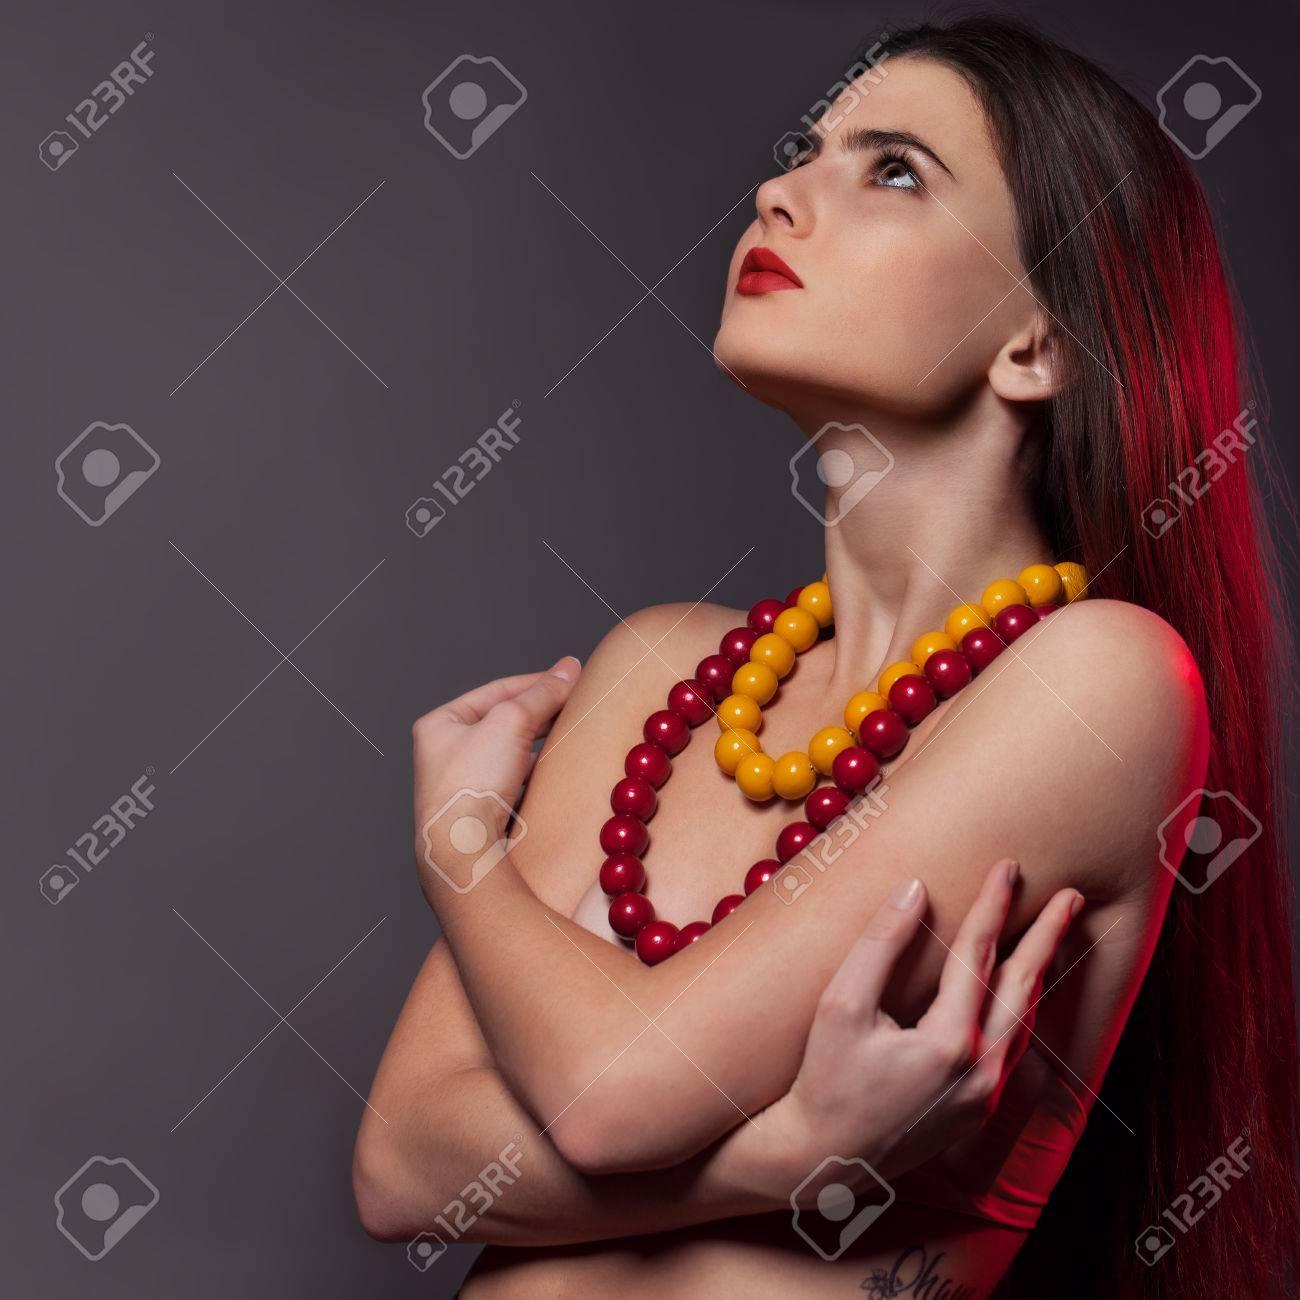 Junge schwarze Mädchen nackt Bilder Sydnee Caprischi-Quietschen